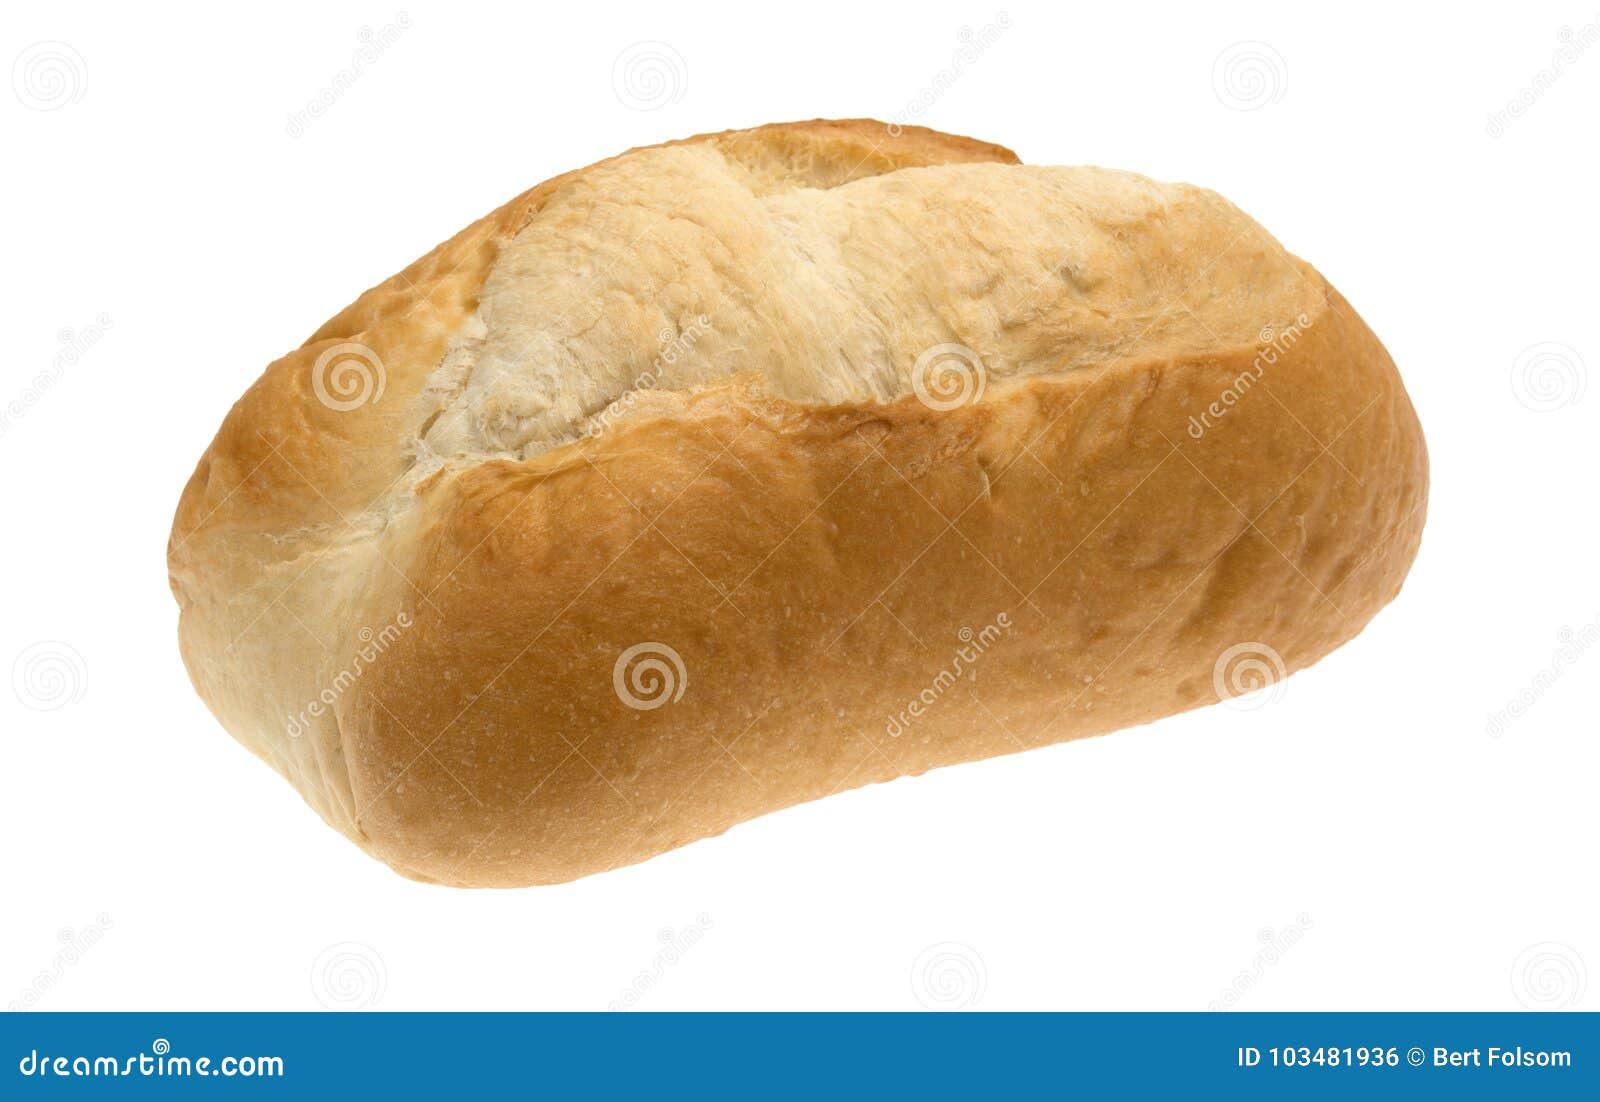 Piccola pagnotta del pane bianco